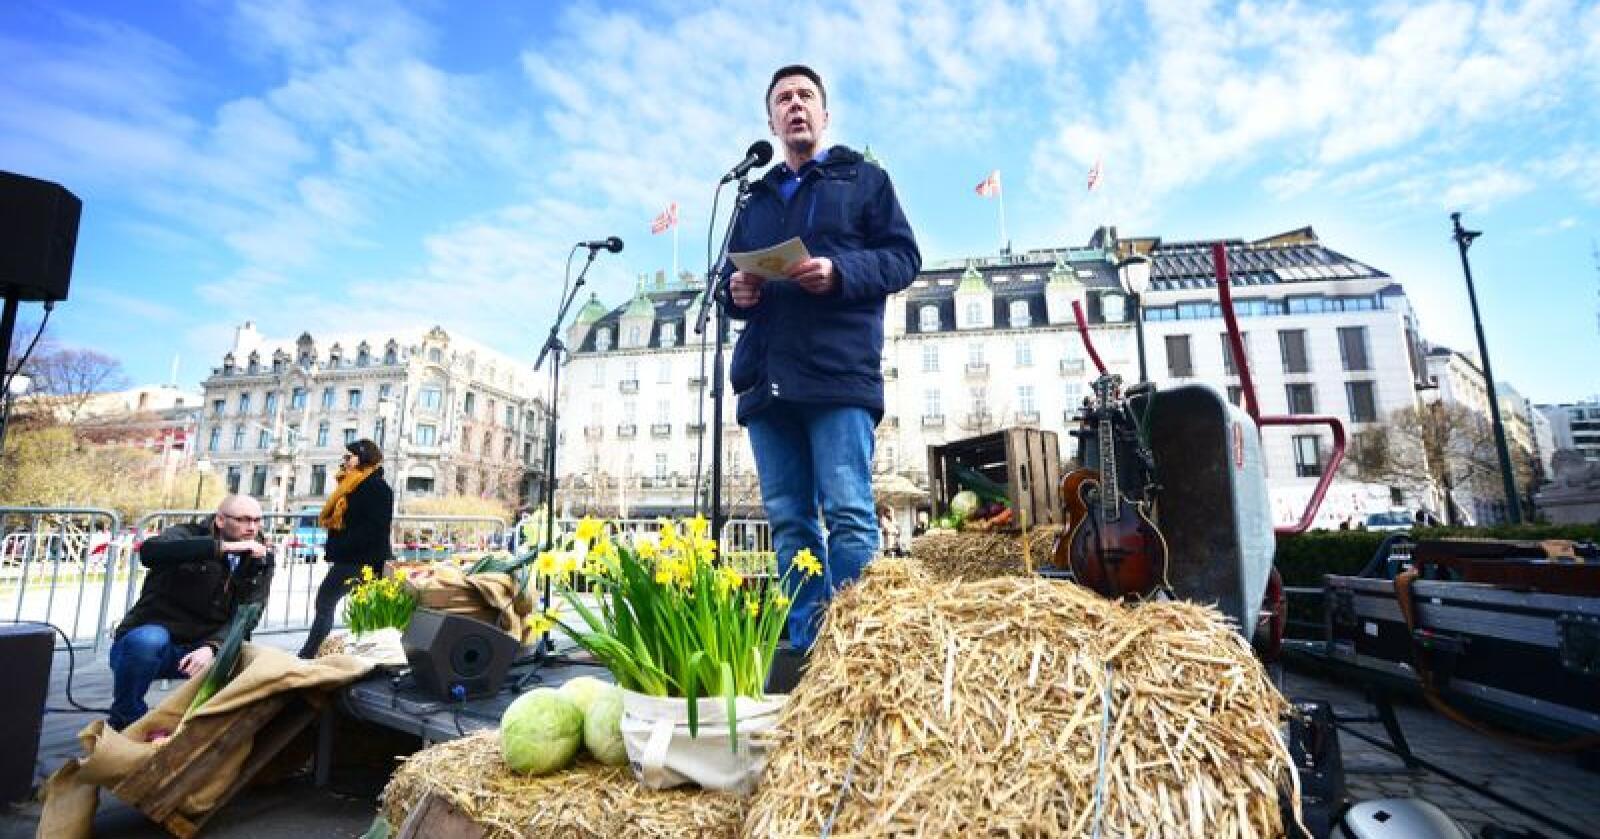 Bondelagsleder Lars Petter Bartnes varsler at Bondelaget vil  være en aktiv støttepart når  Pelsdyralslaget går til retten. Foto: Siri Juell Rasmussen